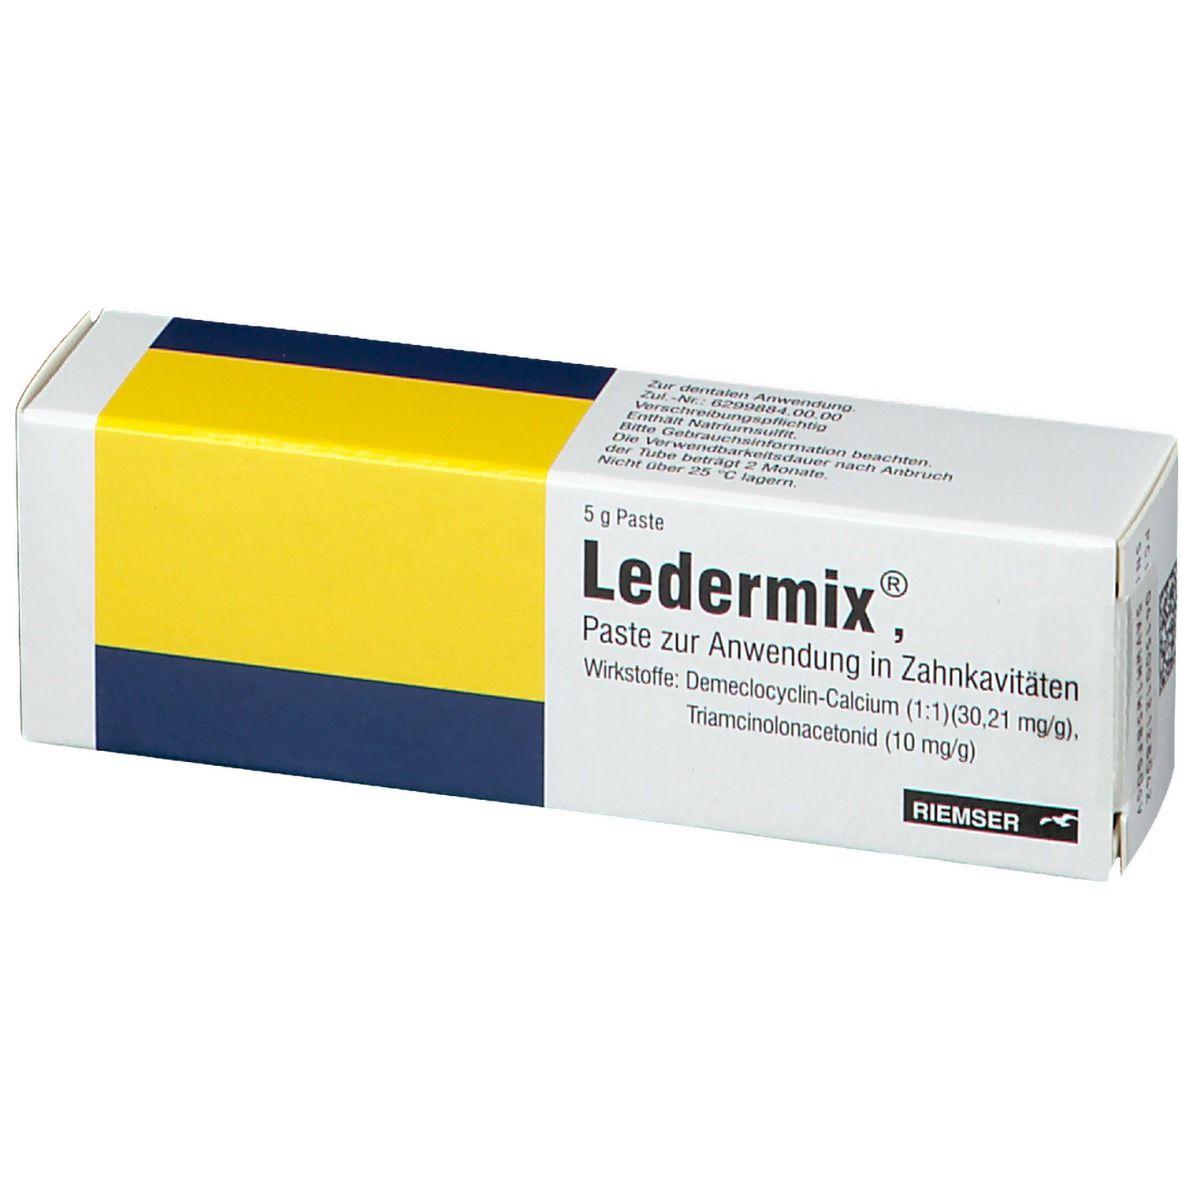 Ledermix Paste